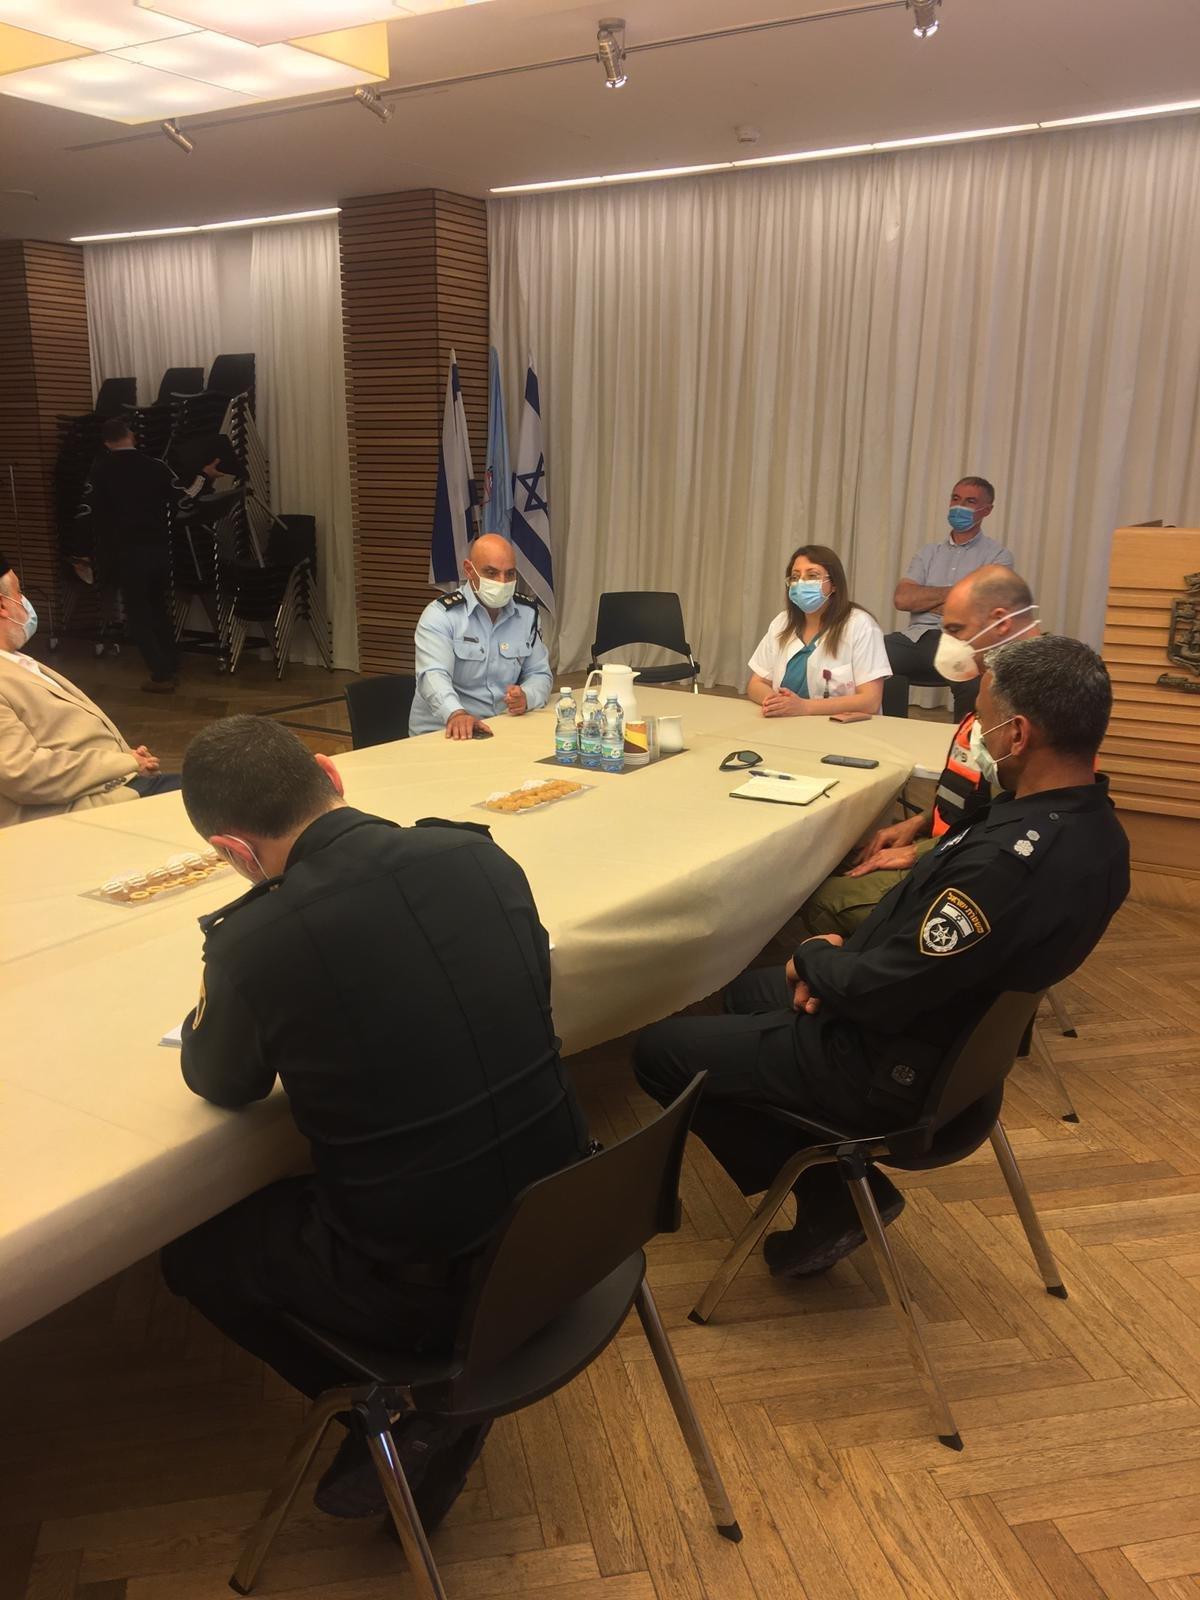 حيفا: الشرطة تبادر للقاء مع الأئمة ضمن الاستعدادات لشهر رمضان